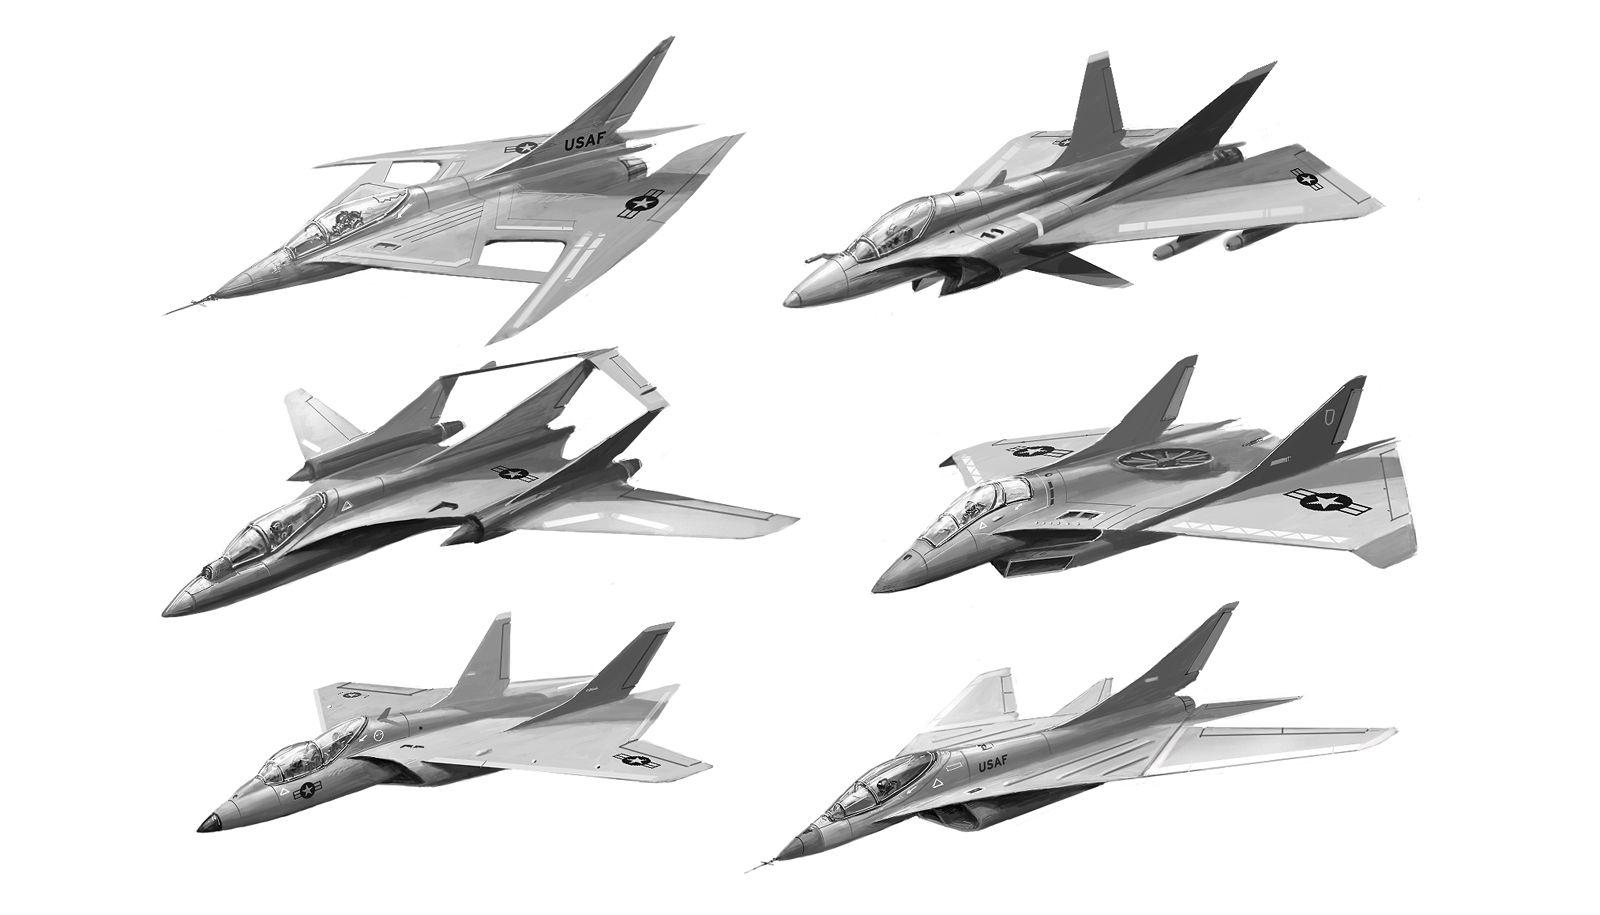 Fighterjet